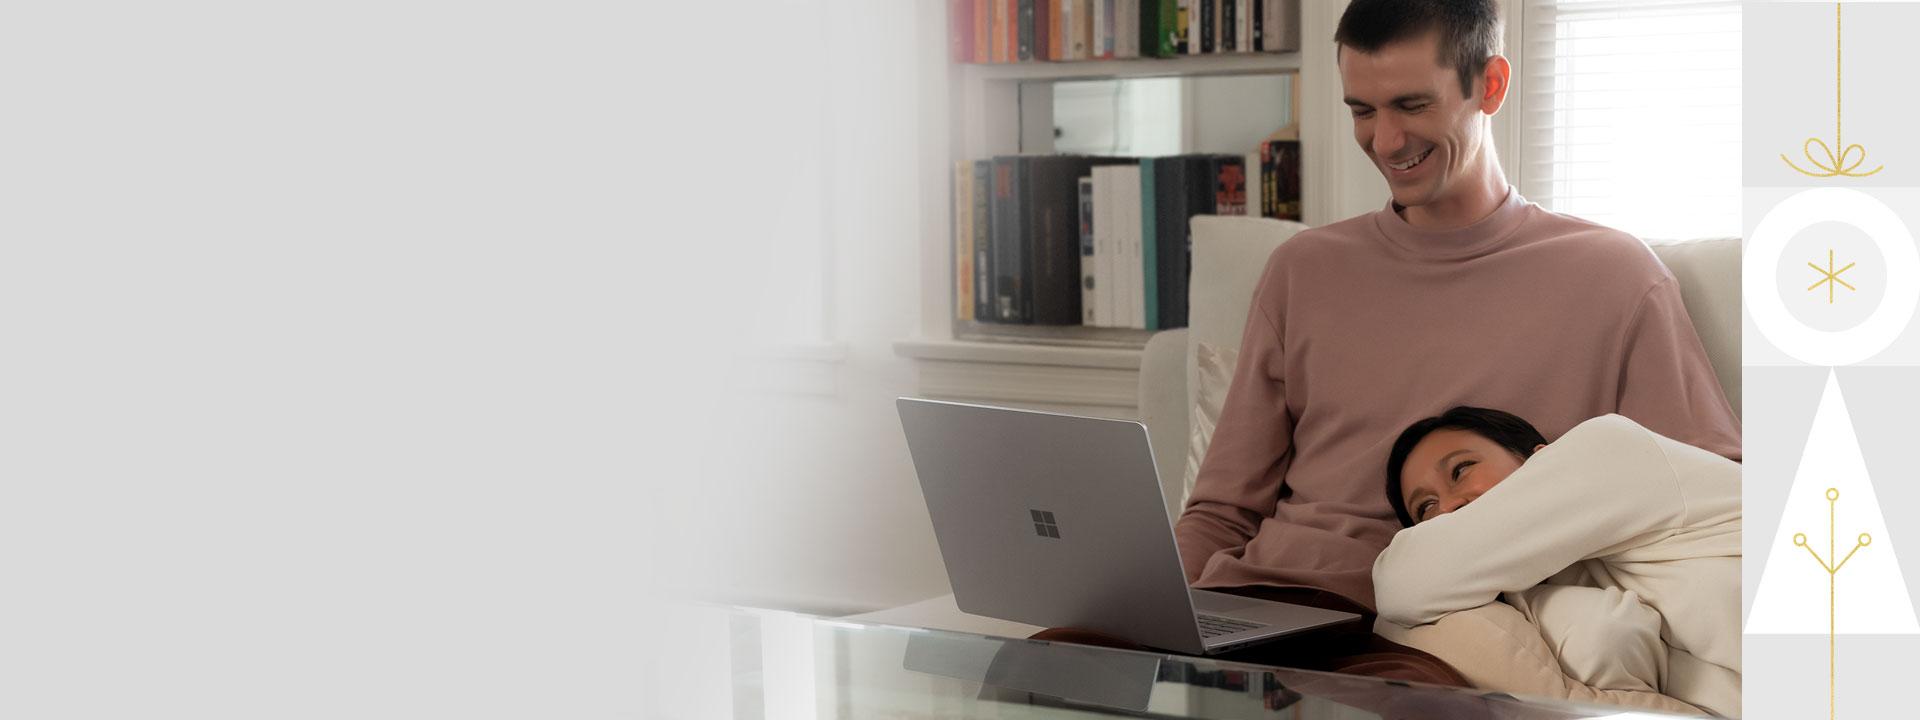 Dvojice na gauči se zařízením Surface Laptop 3